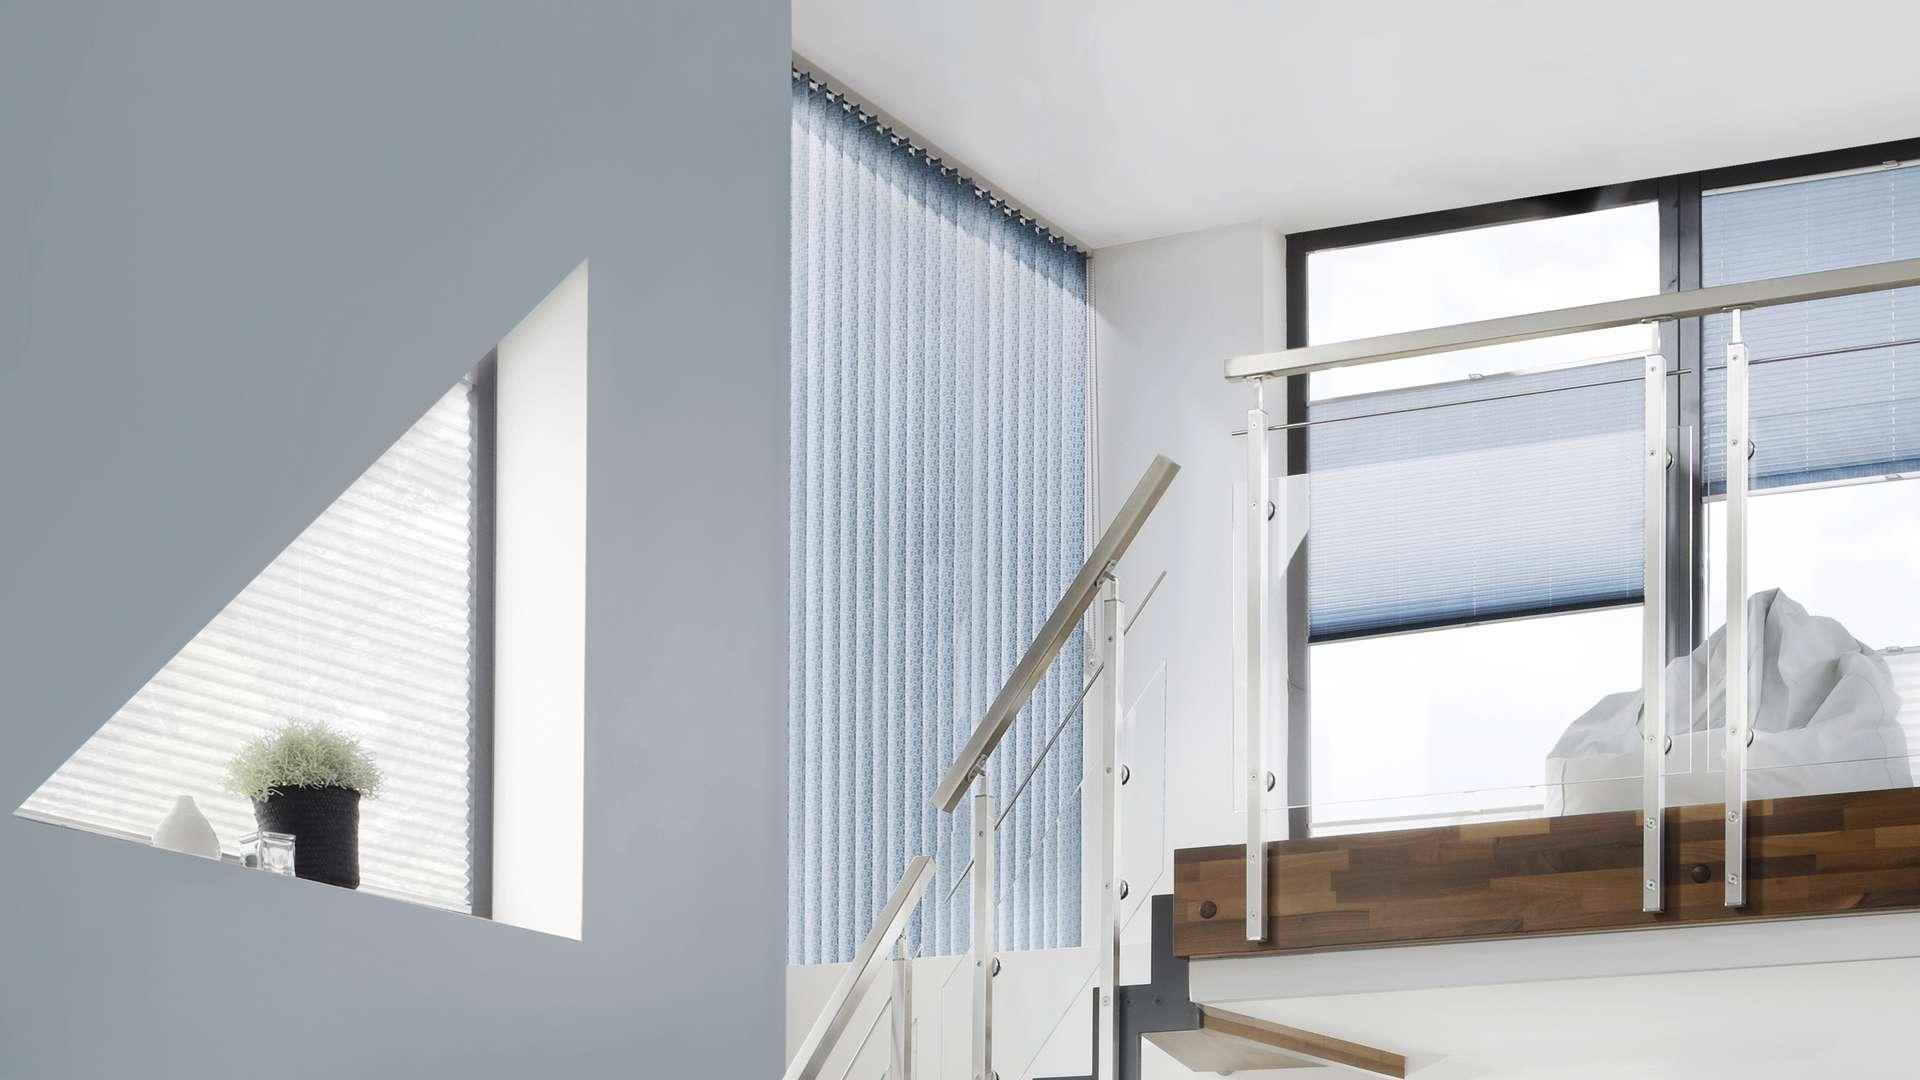 Treppenhaus mit Fenstern unterschiedlichster Form und Plissees davor